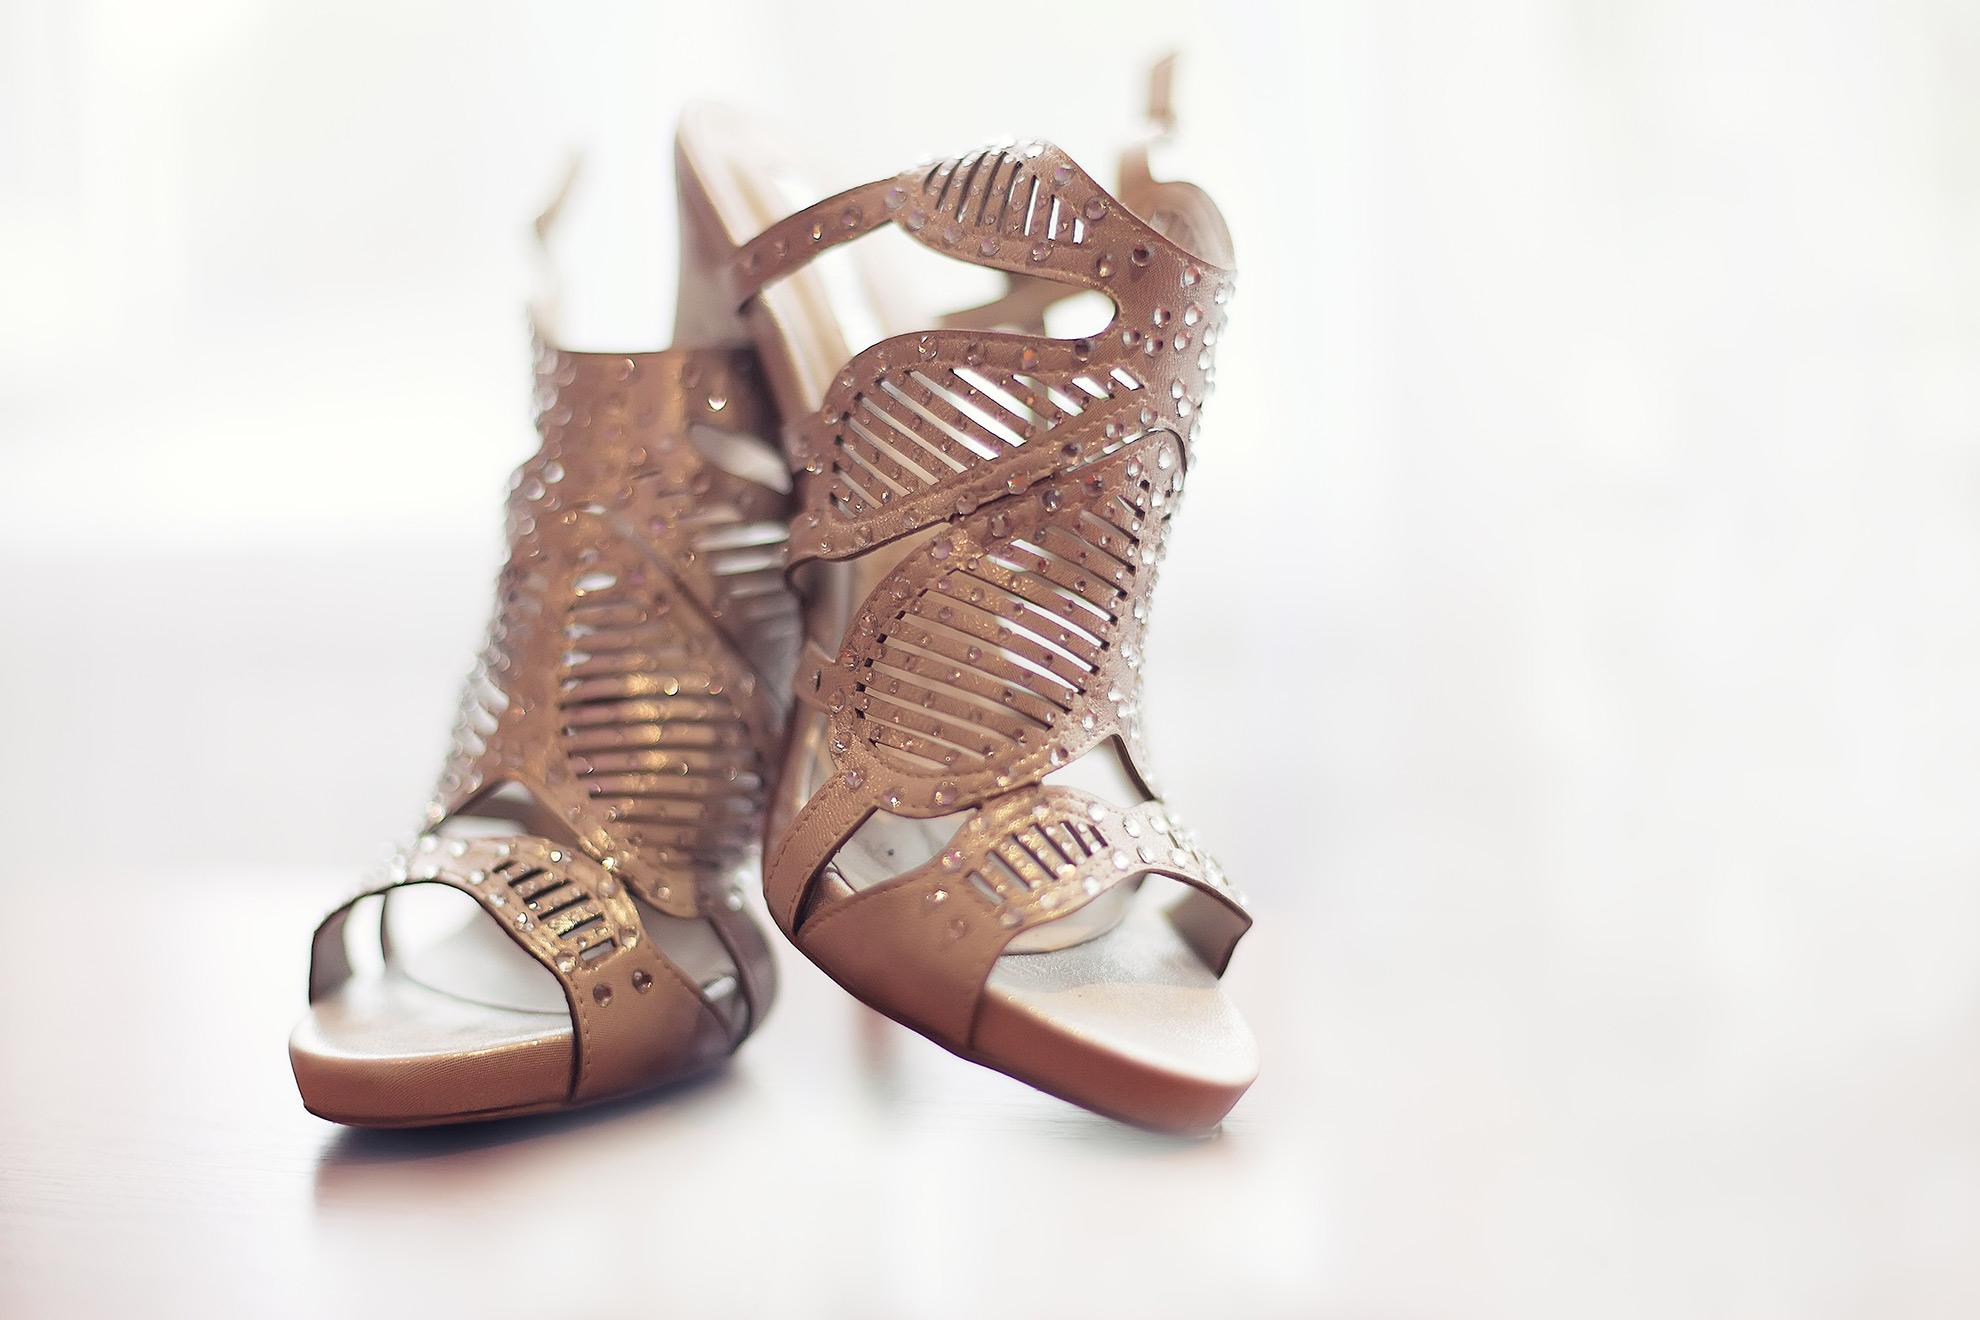 Ażurowe sandały, ilustracja do artykułu